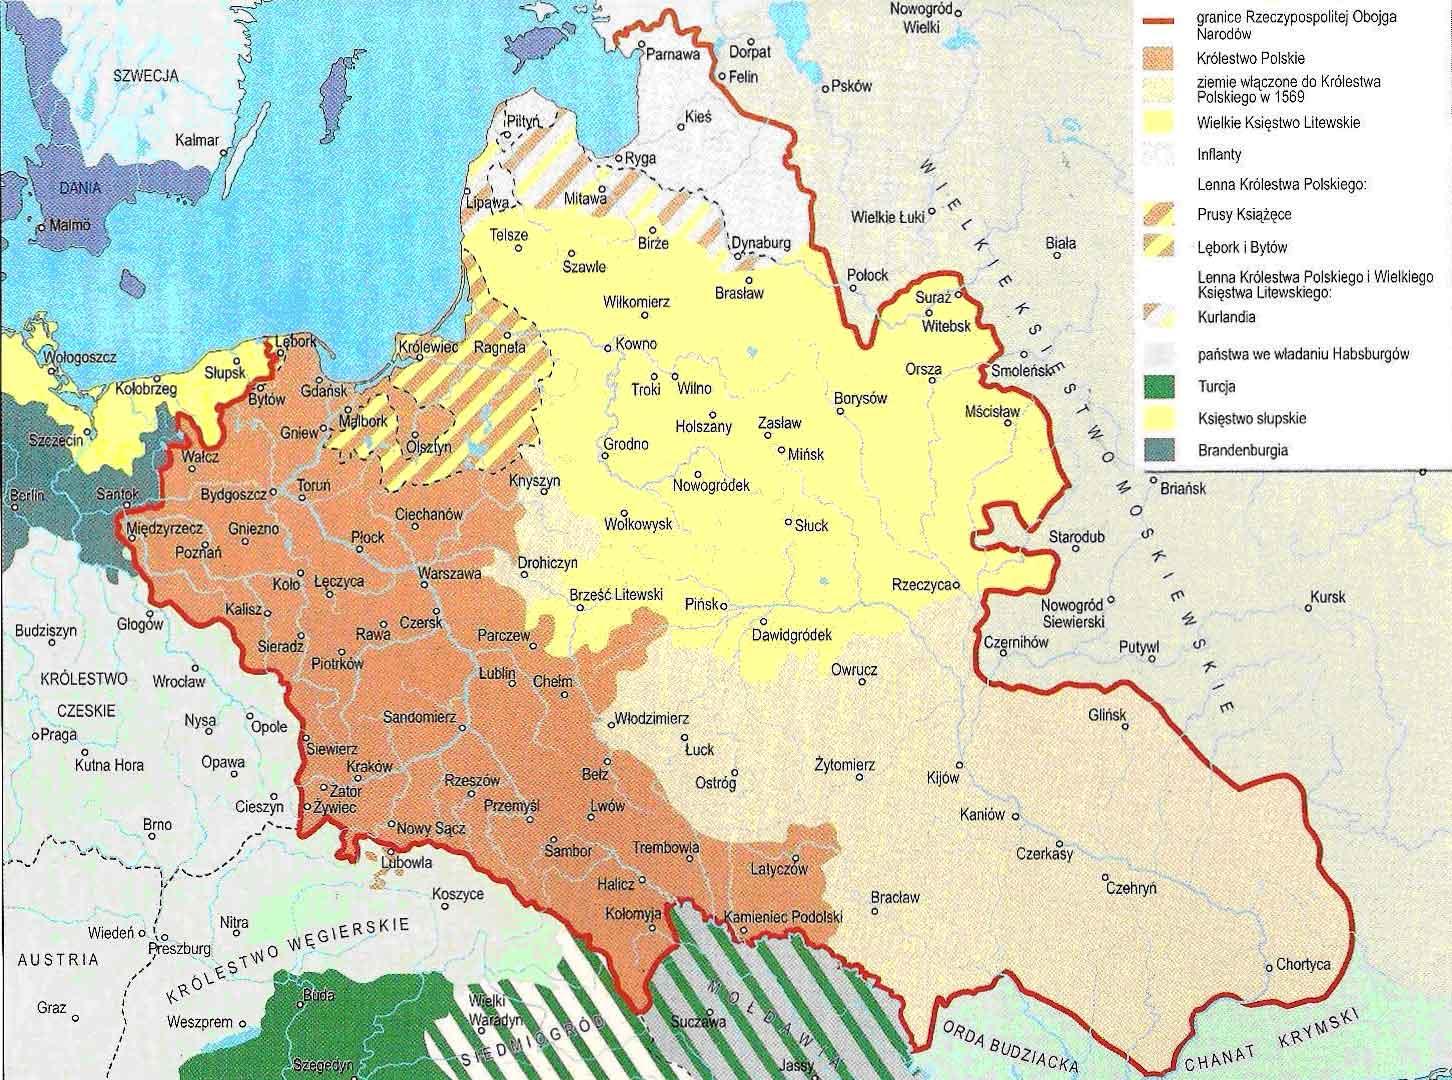 Границы Речи Посполитой в XVI веке